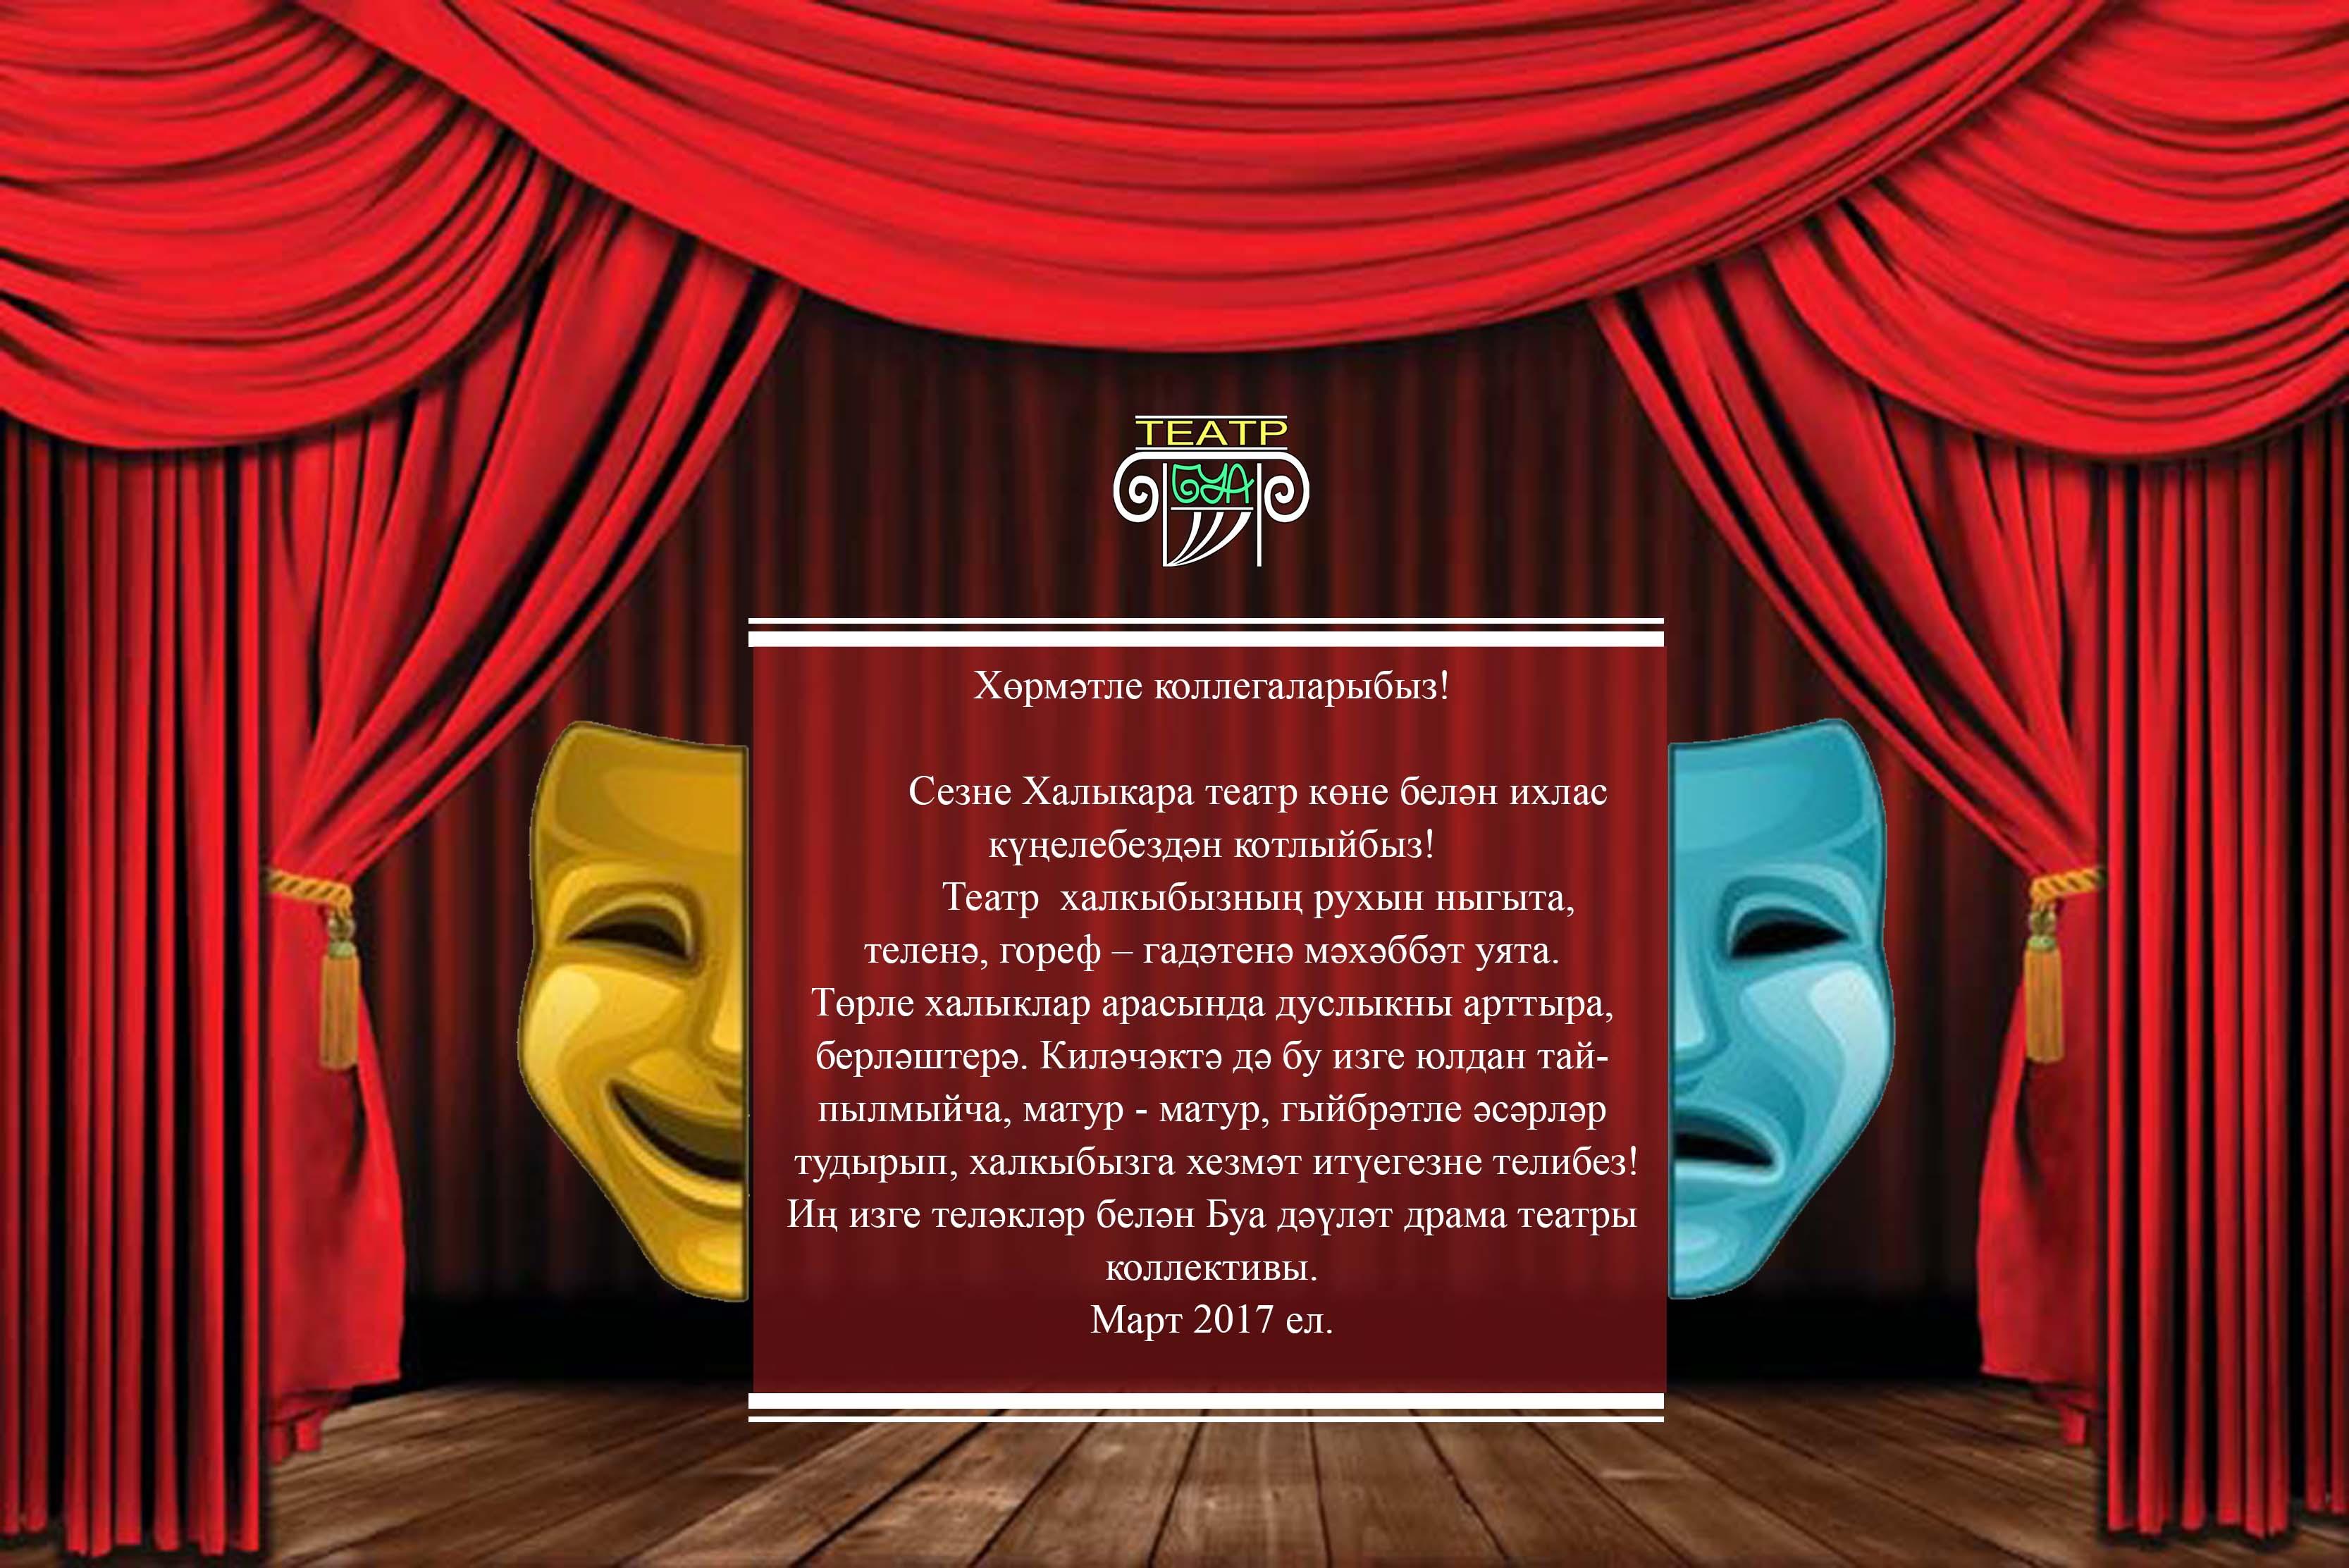 День театра 2019 дата праздника, история, поздравления 98